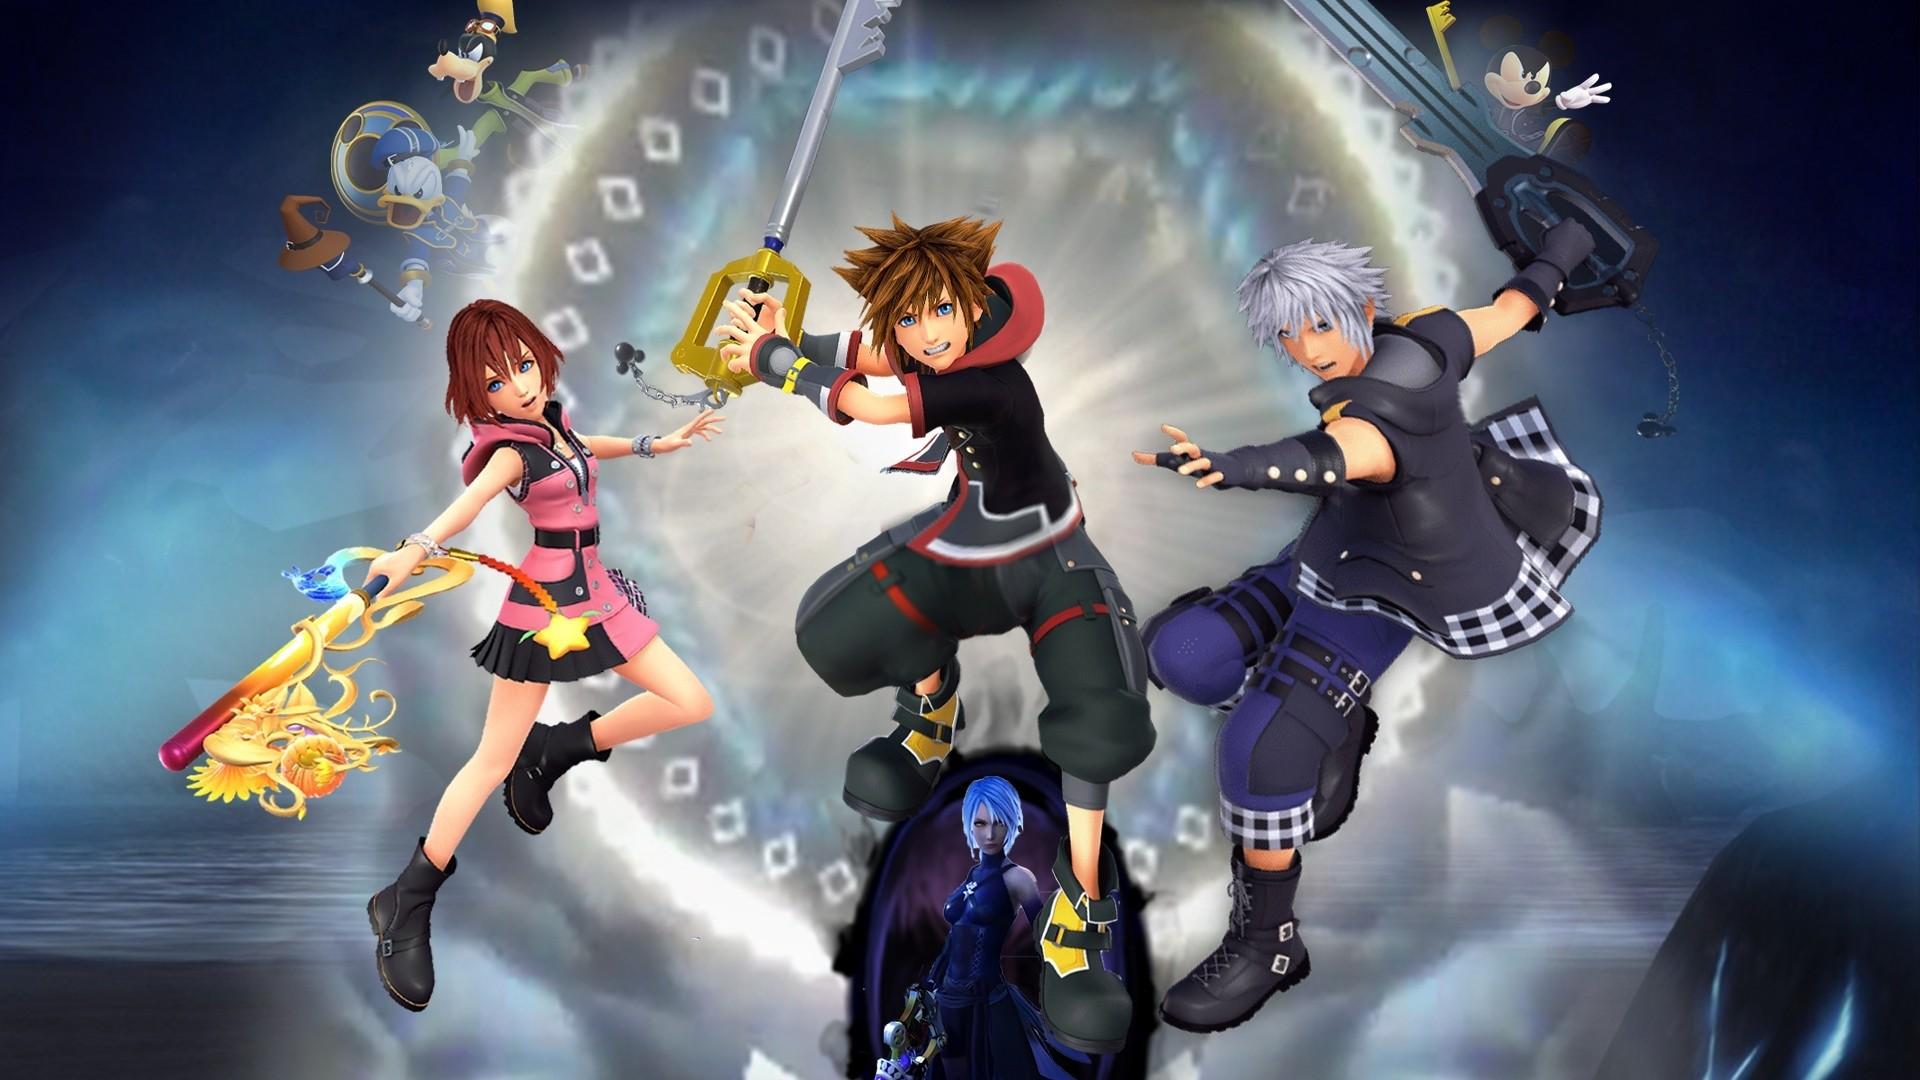 Kingdom Hearts 3 PC Wallpaper HD